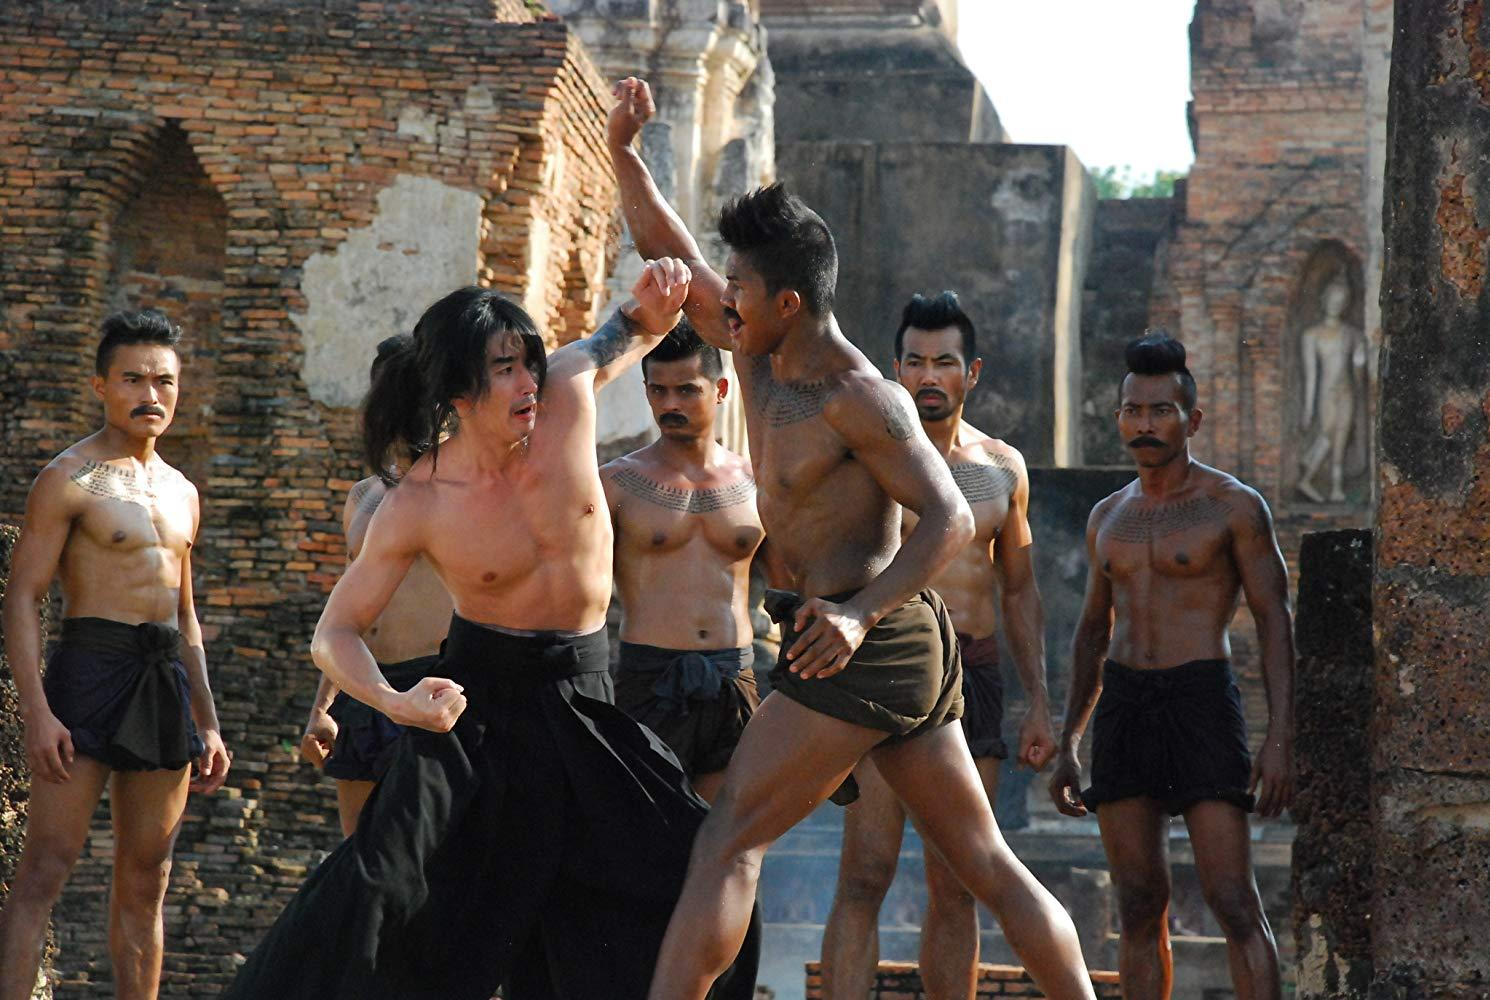 مشاهدة فيلم The Samurai of Ayothaya 2010 HD مترجم كامل اون لاين